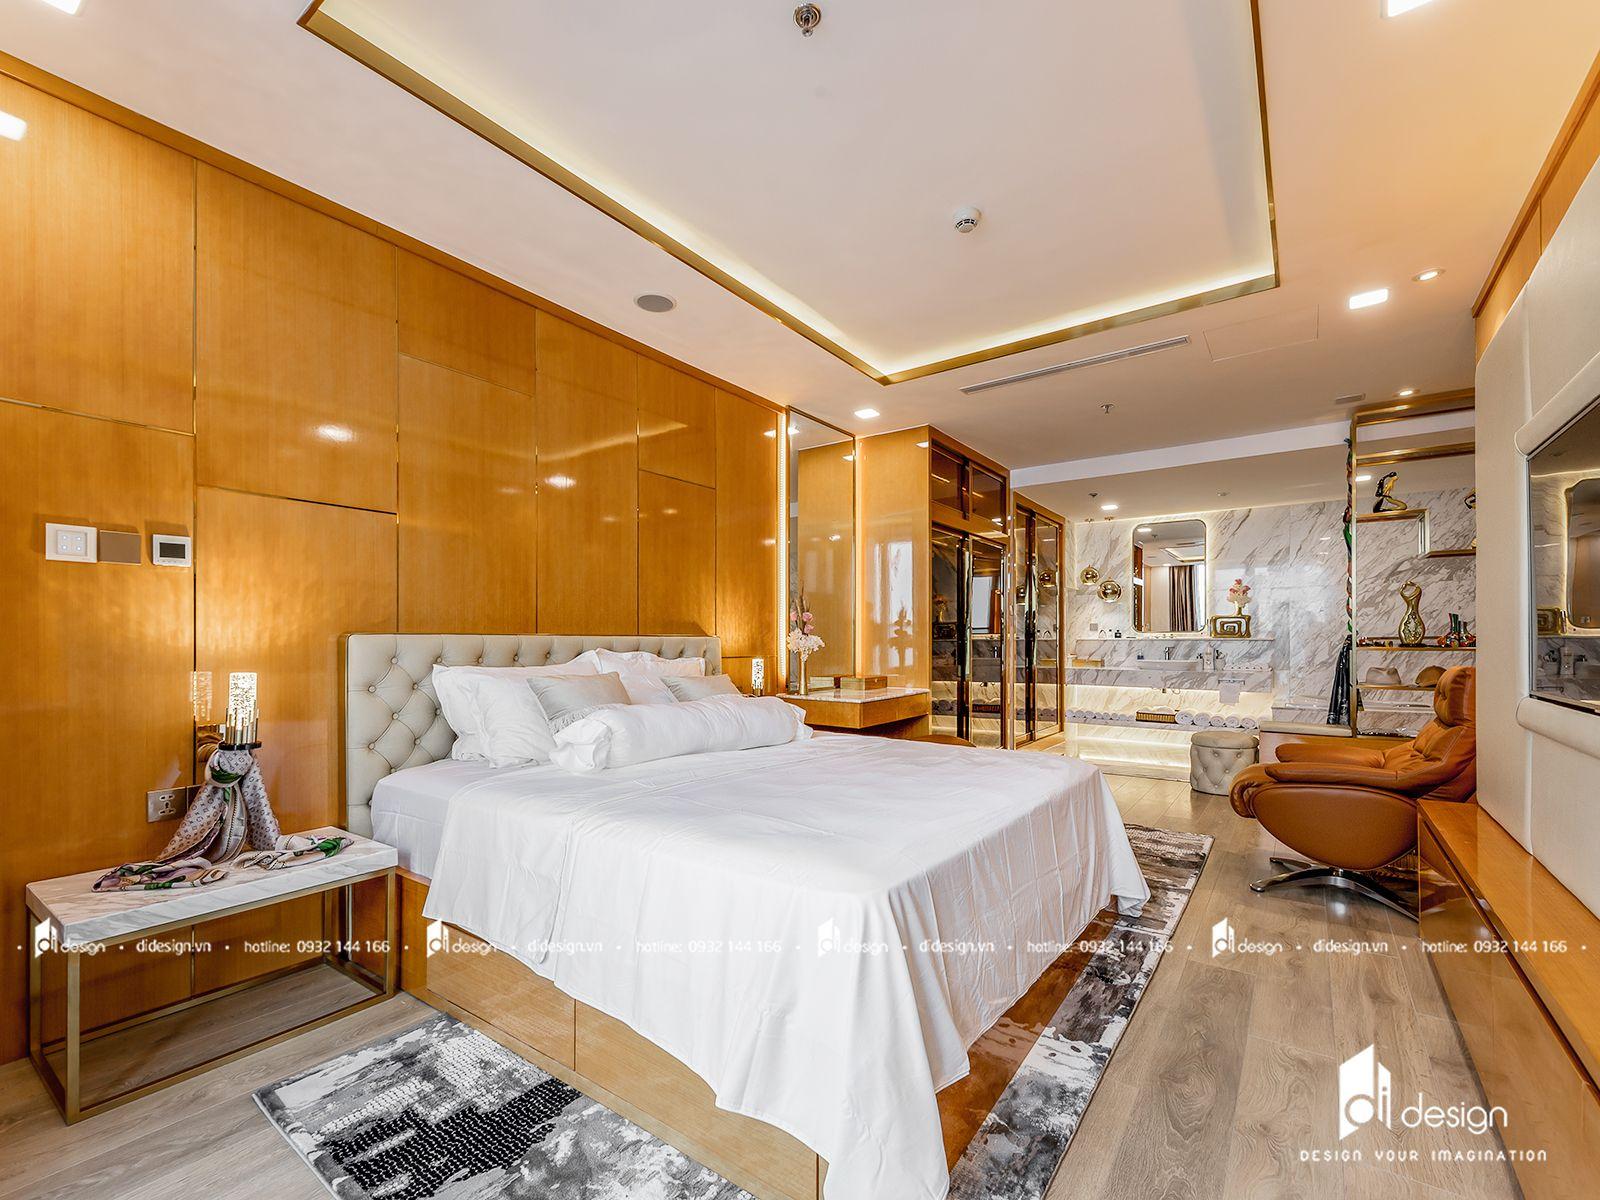 Thi công nội thất căn hộ Landmark 81 156m2 phong cách tân cổ điển